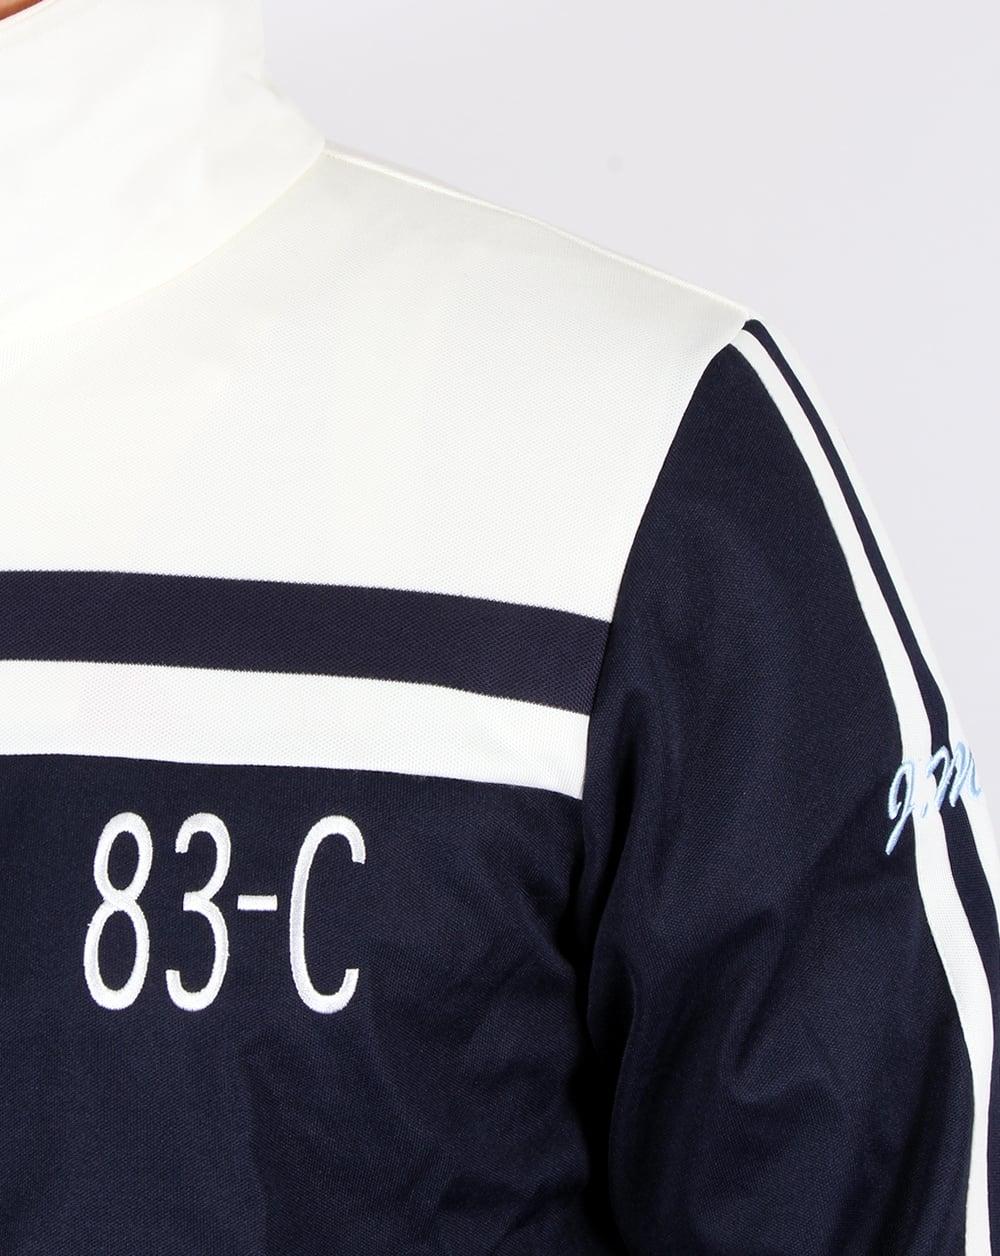 adidas 83 c. adidas originals 83-c track top navy/off white 83 c